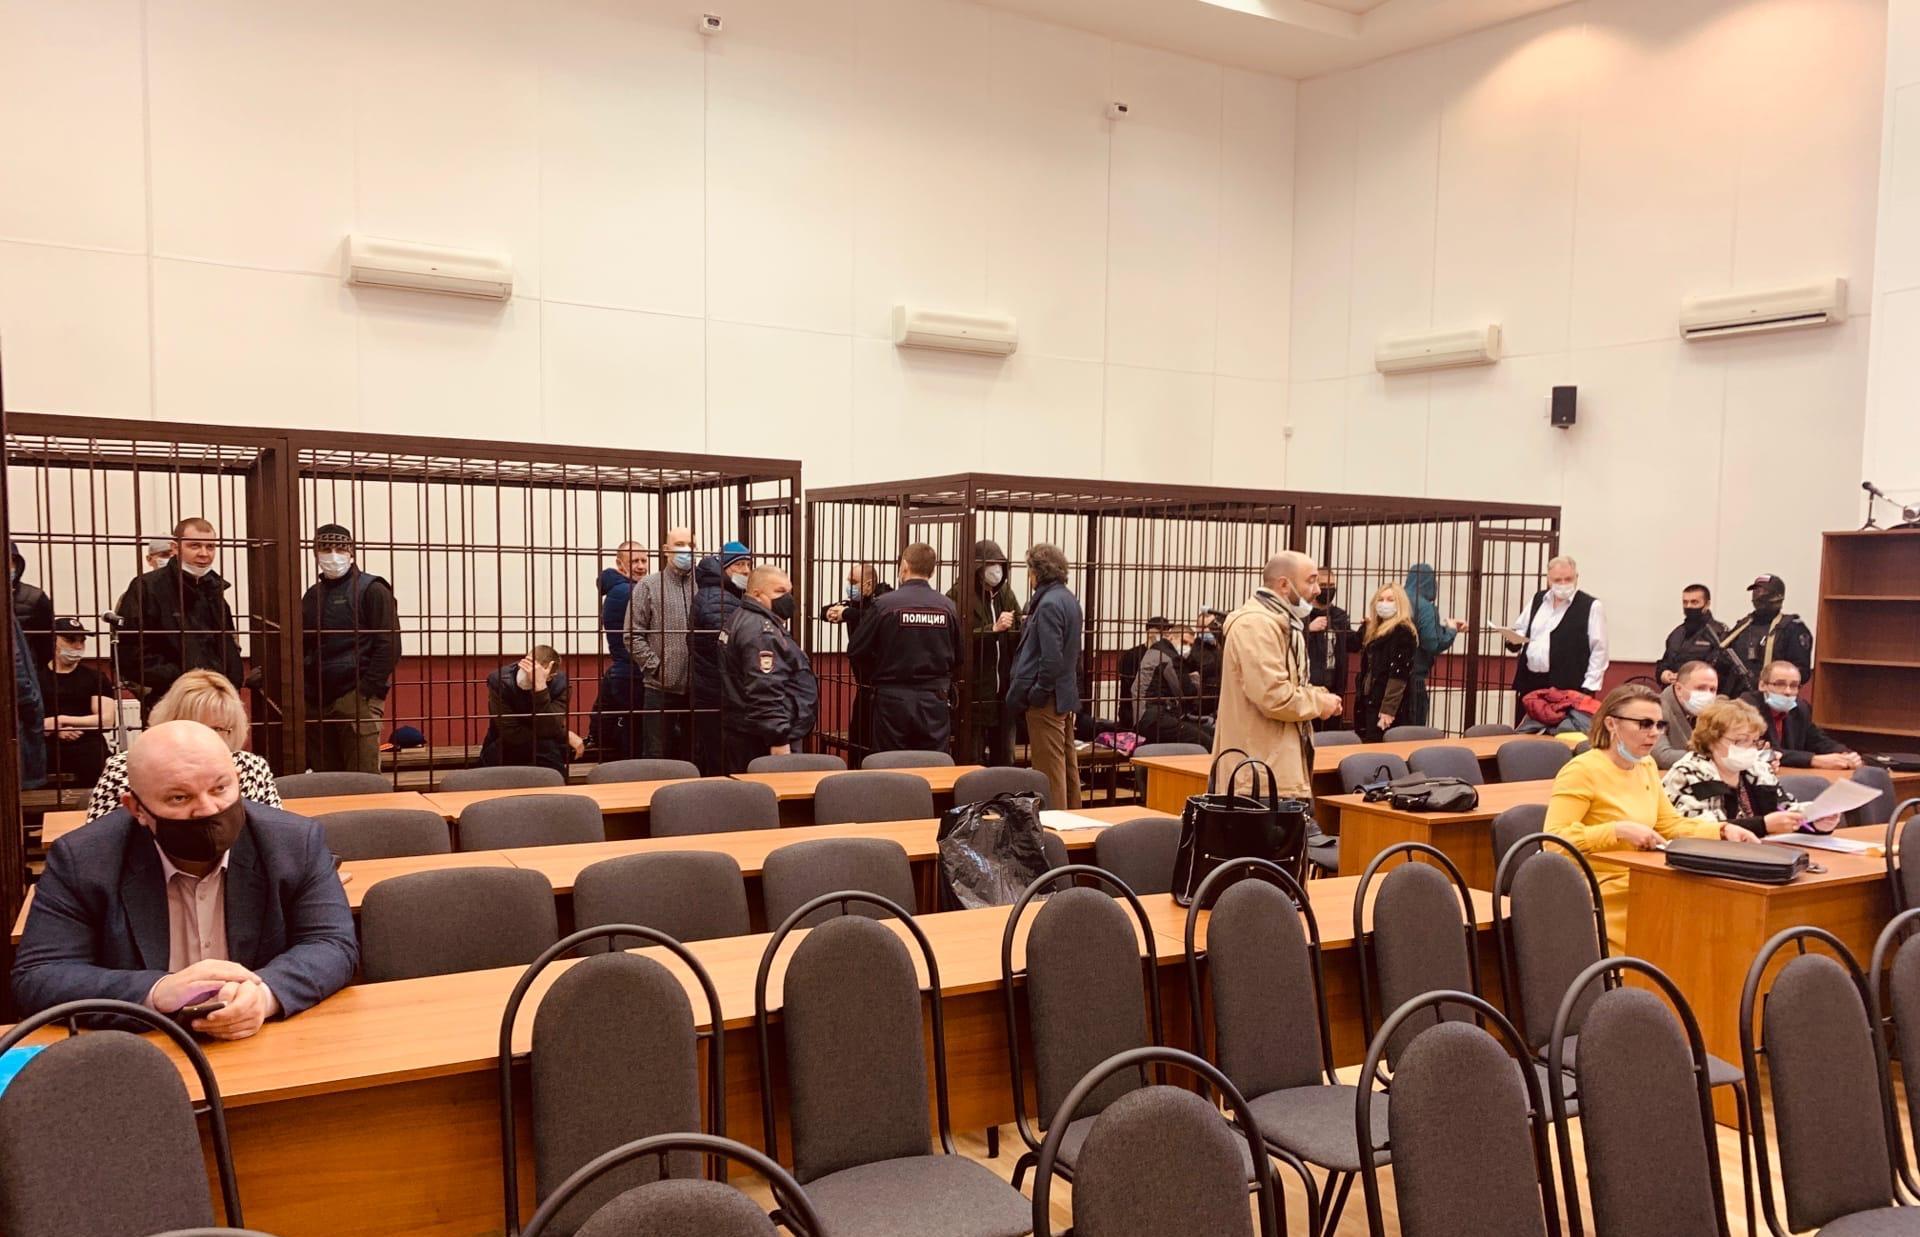 В Твери начался суд над бандой железнодорожников, которая грабила поезда - новости Афанасий